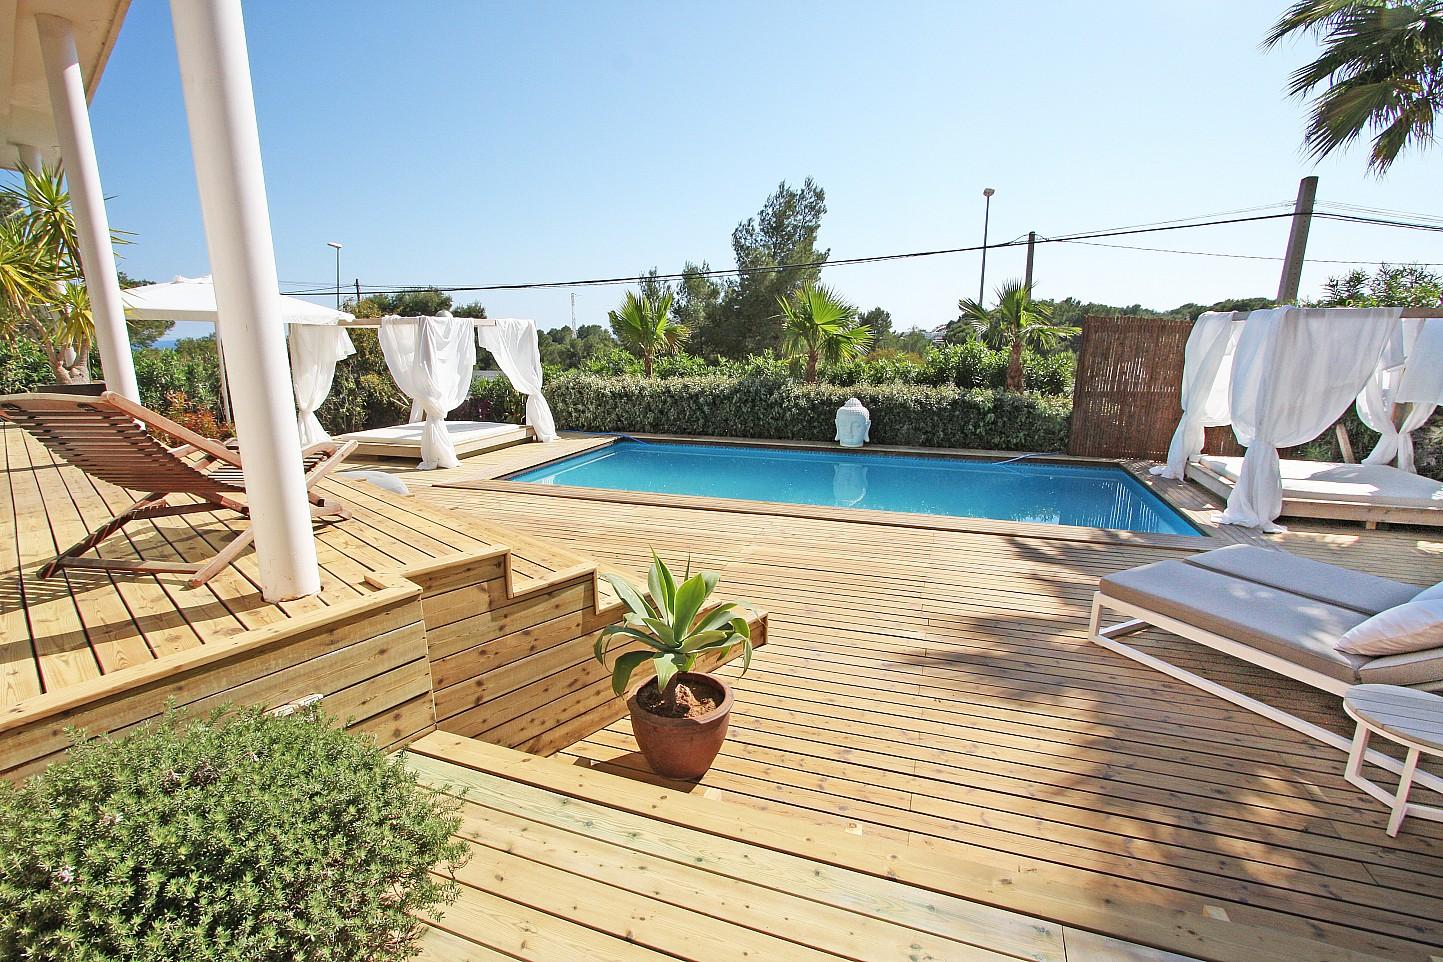 Exteriors de la casa amb la piscina